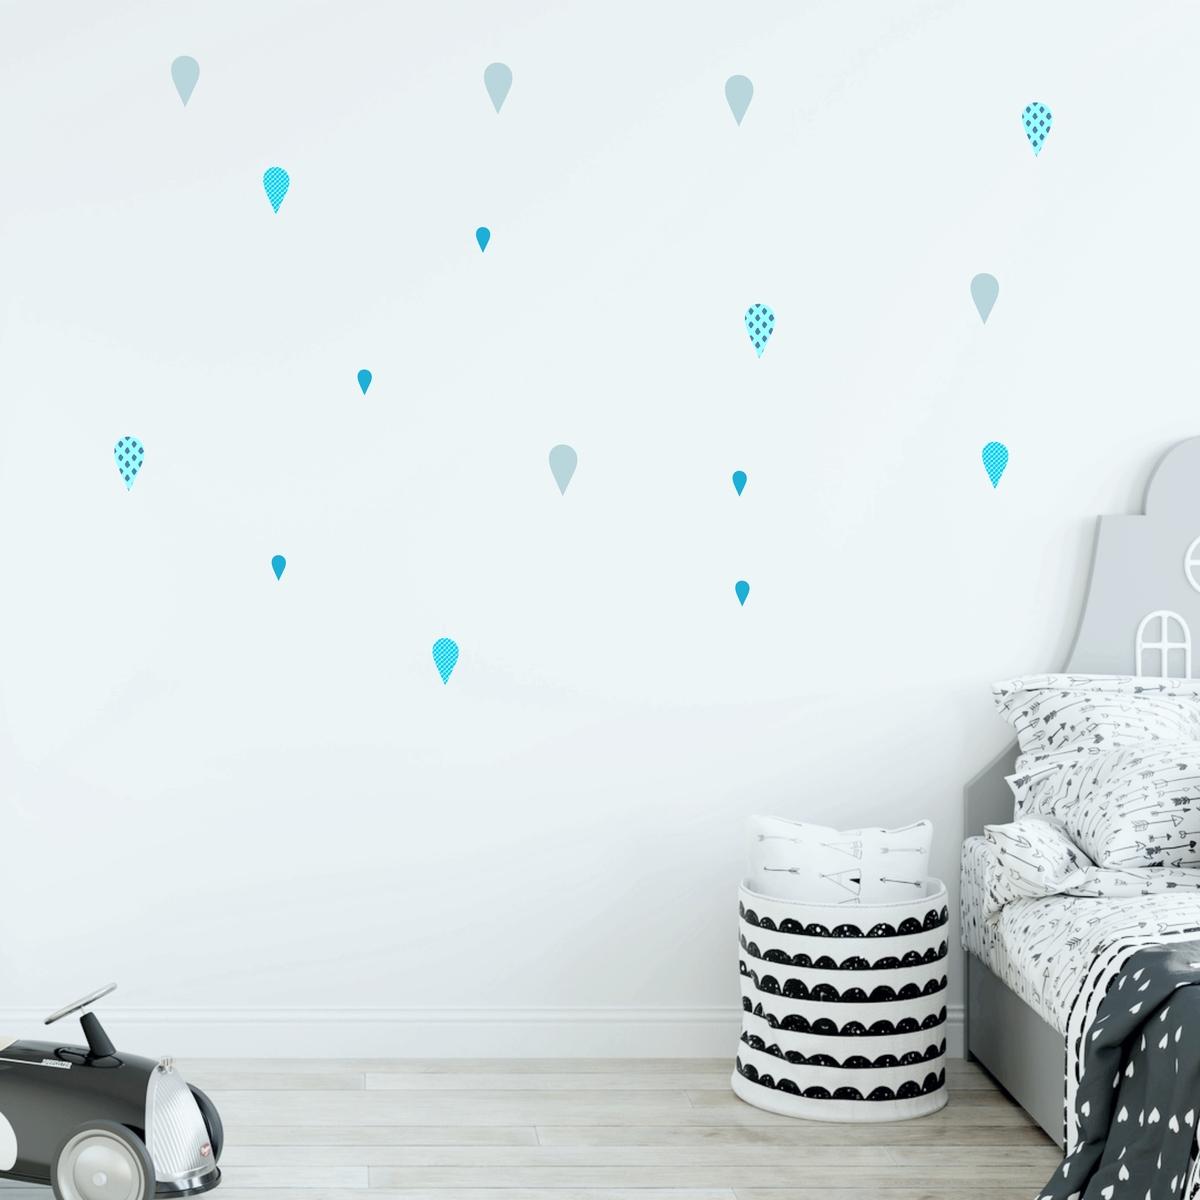 Full Size of Wandsticker Kinderzimmer Junge Regentropfen Wassertropfen Blau Regal Küche Sofa Regale Weiß Kinderzimmer Wandsticker Kinderzimmer Junge